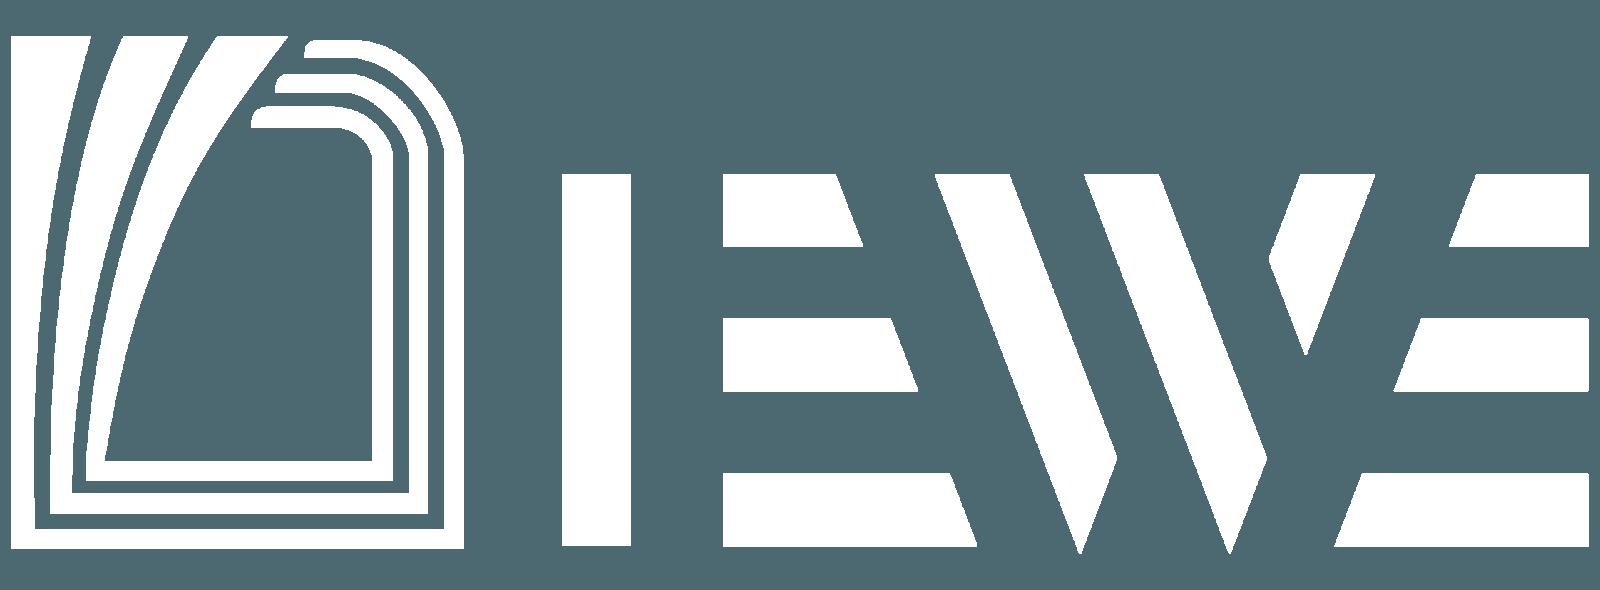 Diewe_Logo_ohne_Zusatz